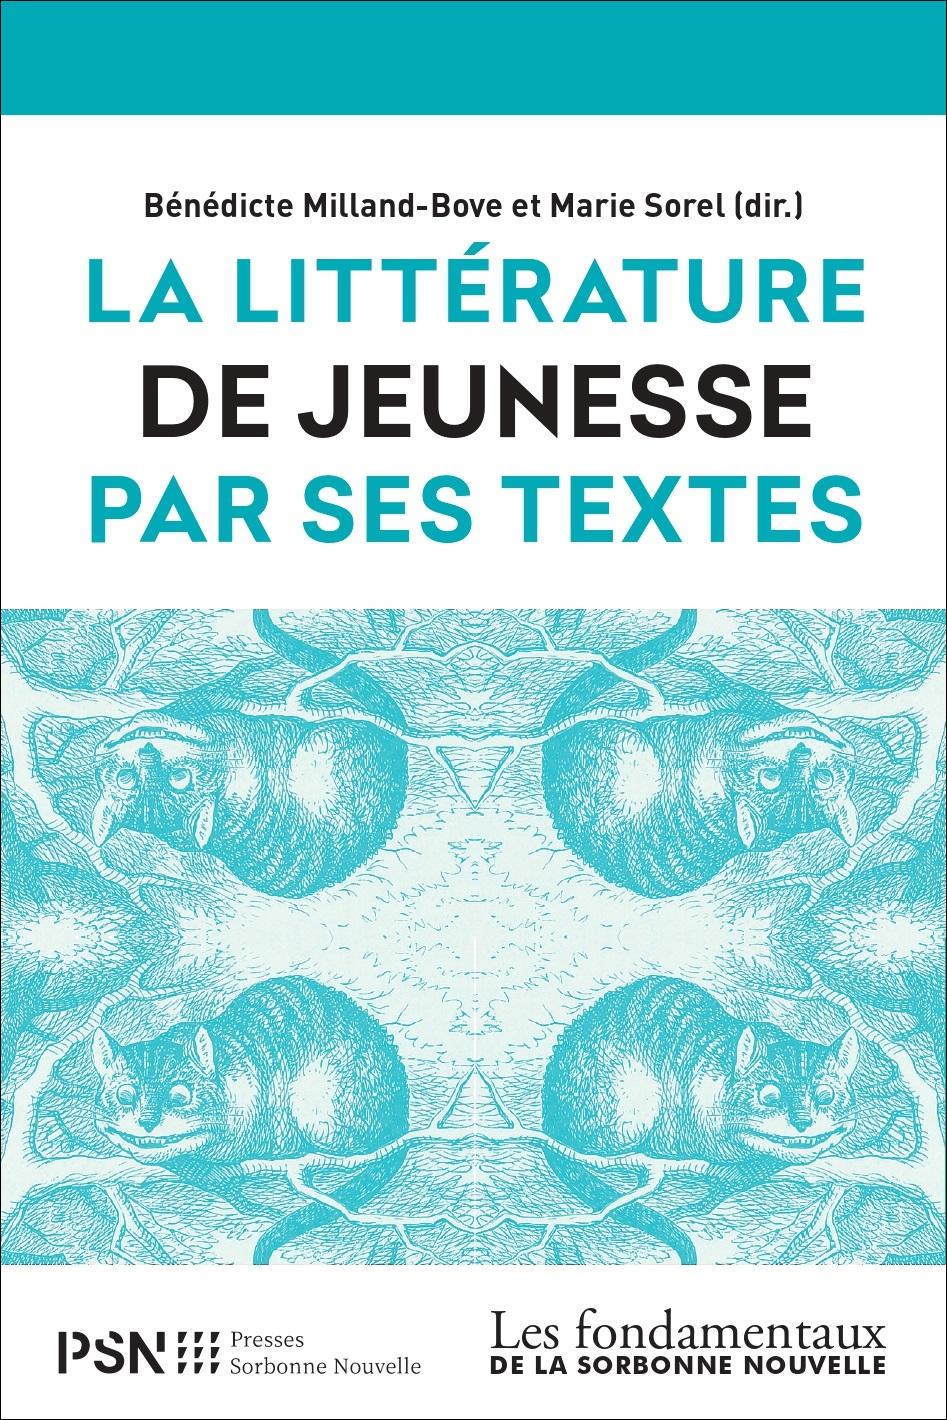 B. Milland-Bove, M. Sorel (dir.), La littérature de jeunesse par ses textes